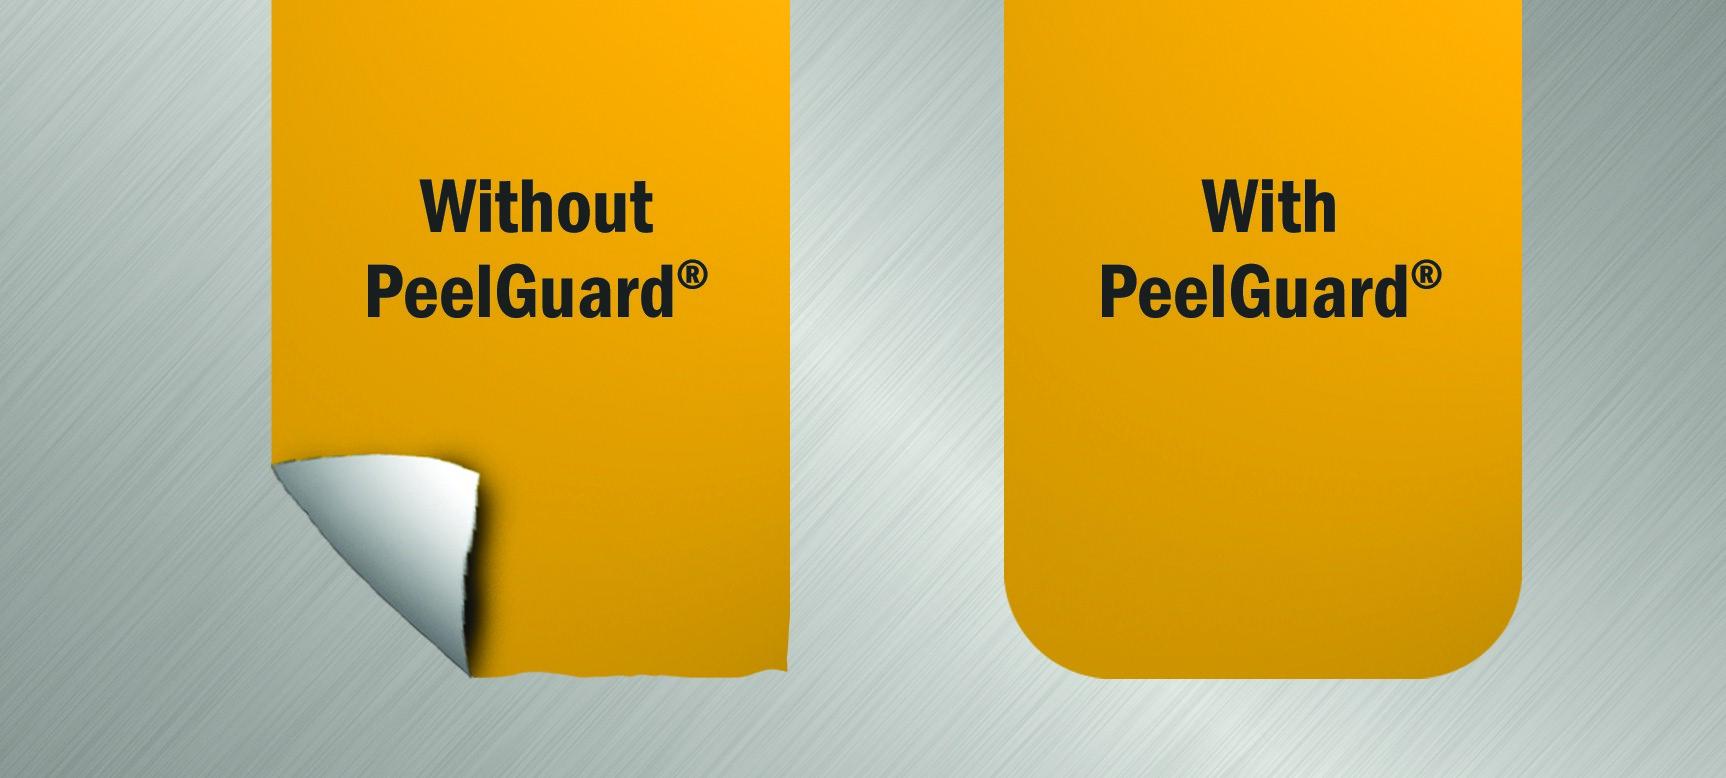 LW-PX750-peelguard-comparison